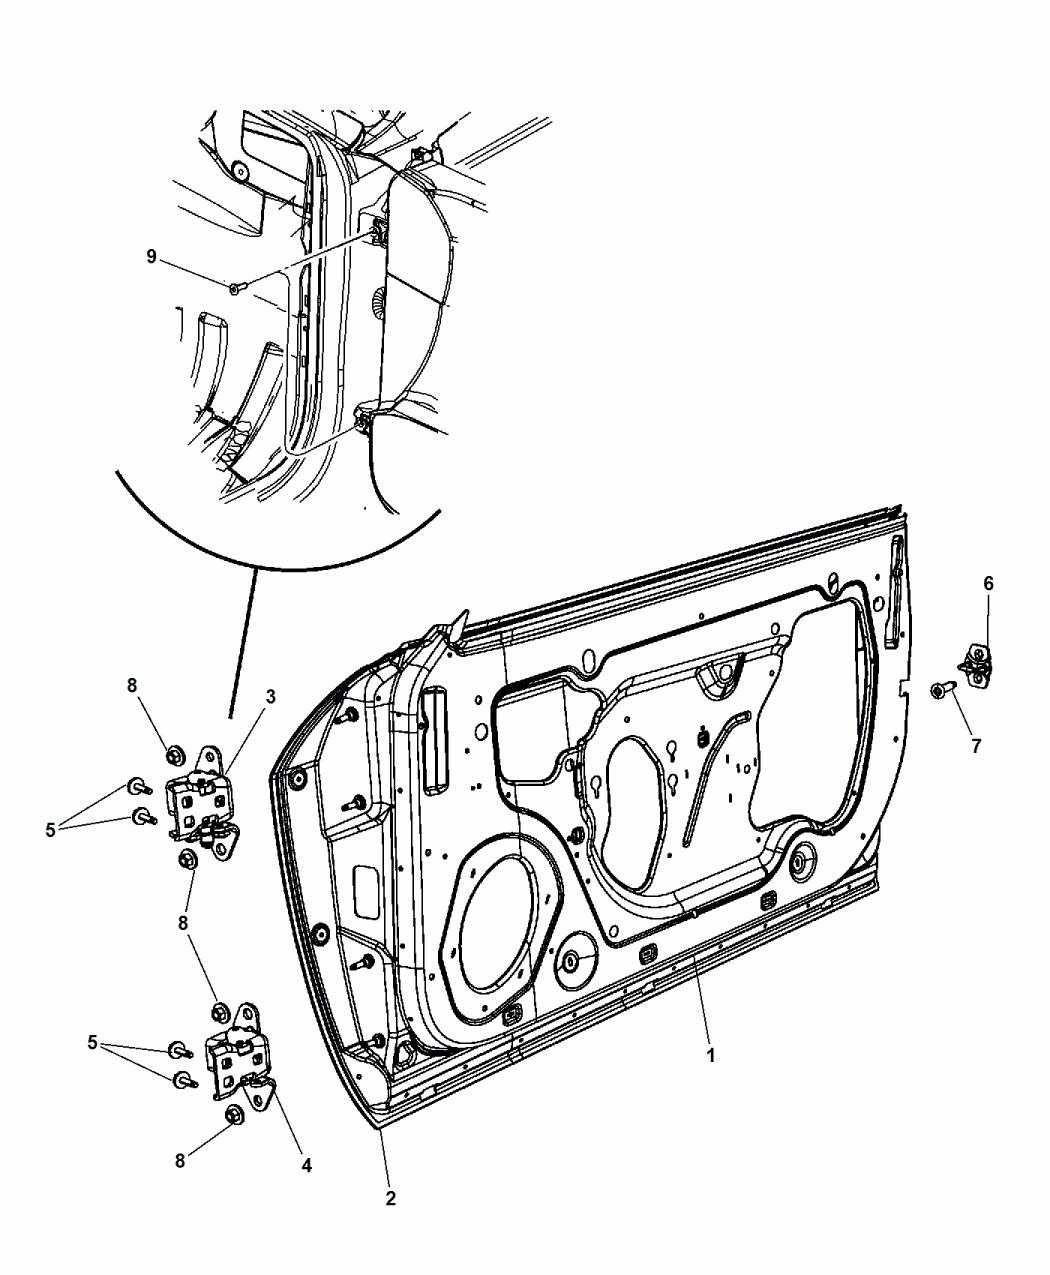 [SCHEMATICS_48IU]  DV_1073] Challenger Side Mirror Wiring Diagram Schematic Wiring | Challenger Side Mirror Wiring Diagram |  | Marki Grebs Rele Mohammedshrine Librar Wiring 101